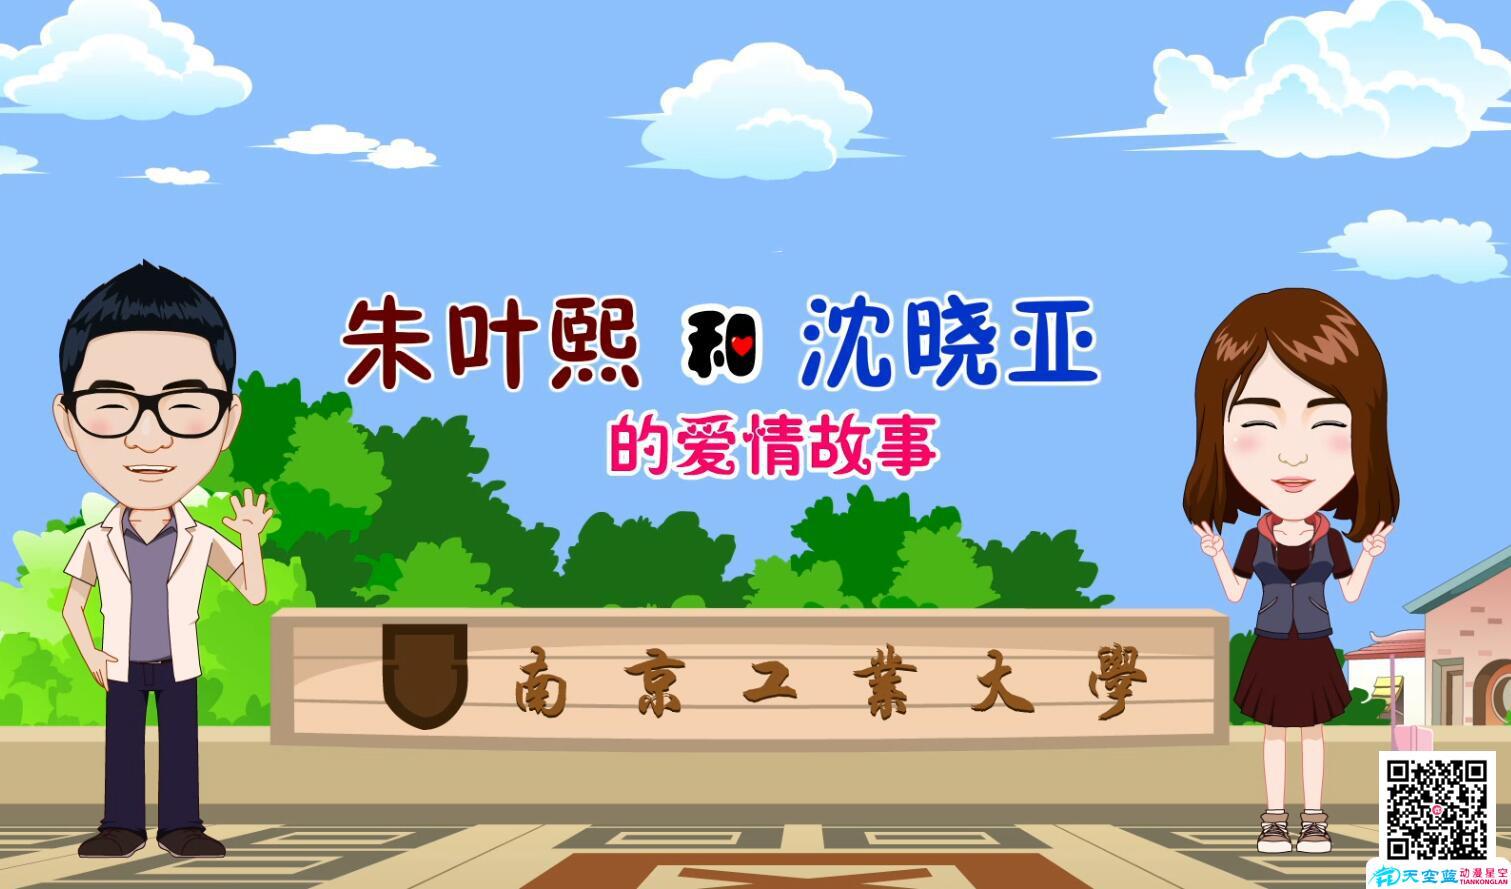 Flash婚礼动画「朱叶熙和沈小亚的爱情故事」动漫视频